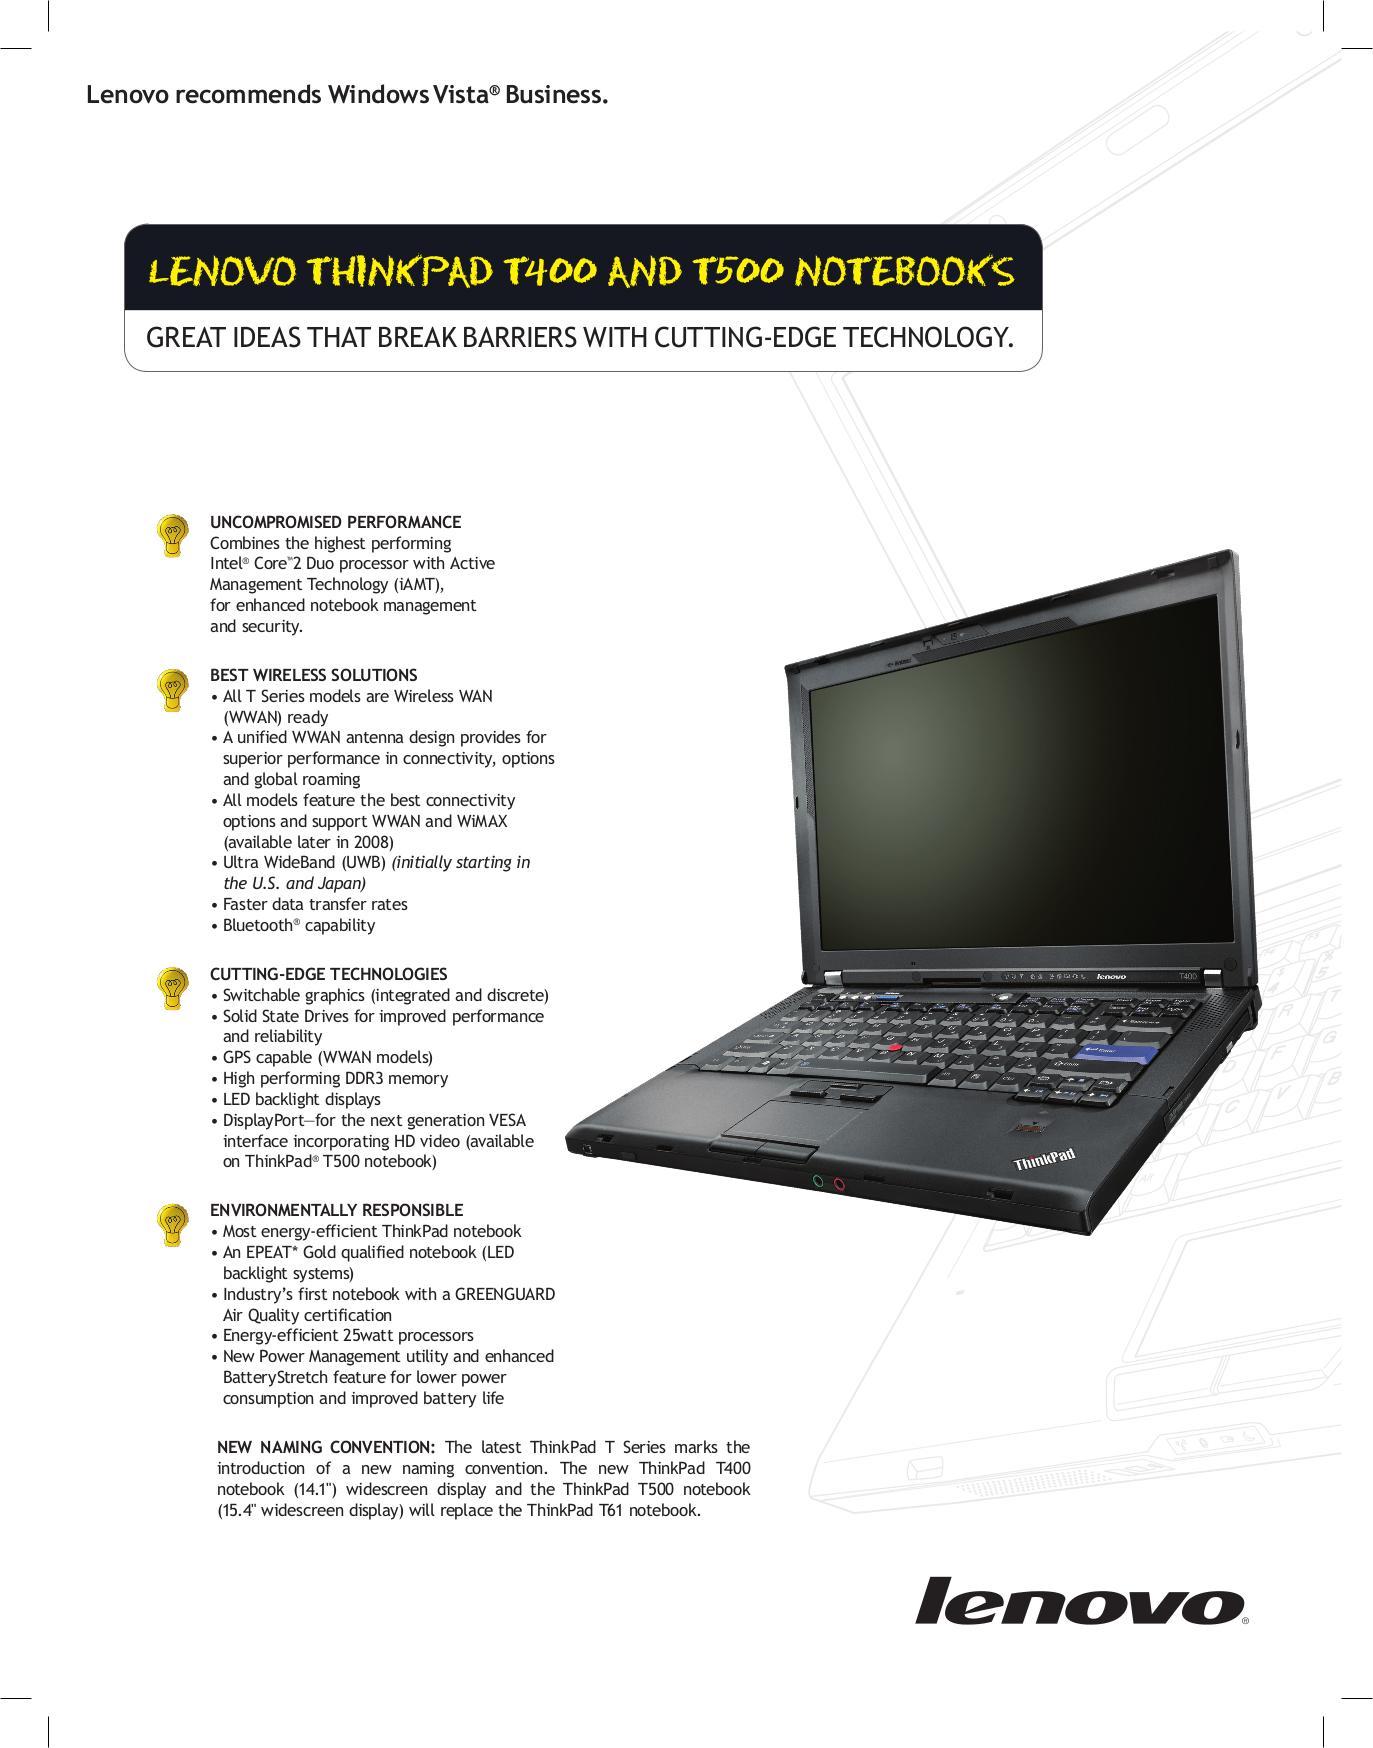 download free pdf for lenovo thinkpad t400 6474 laptop manual rh umlib com lenovo thinkpad t400 user manual lenovo thinkpad t400 manual usuario